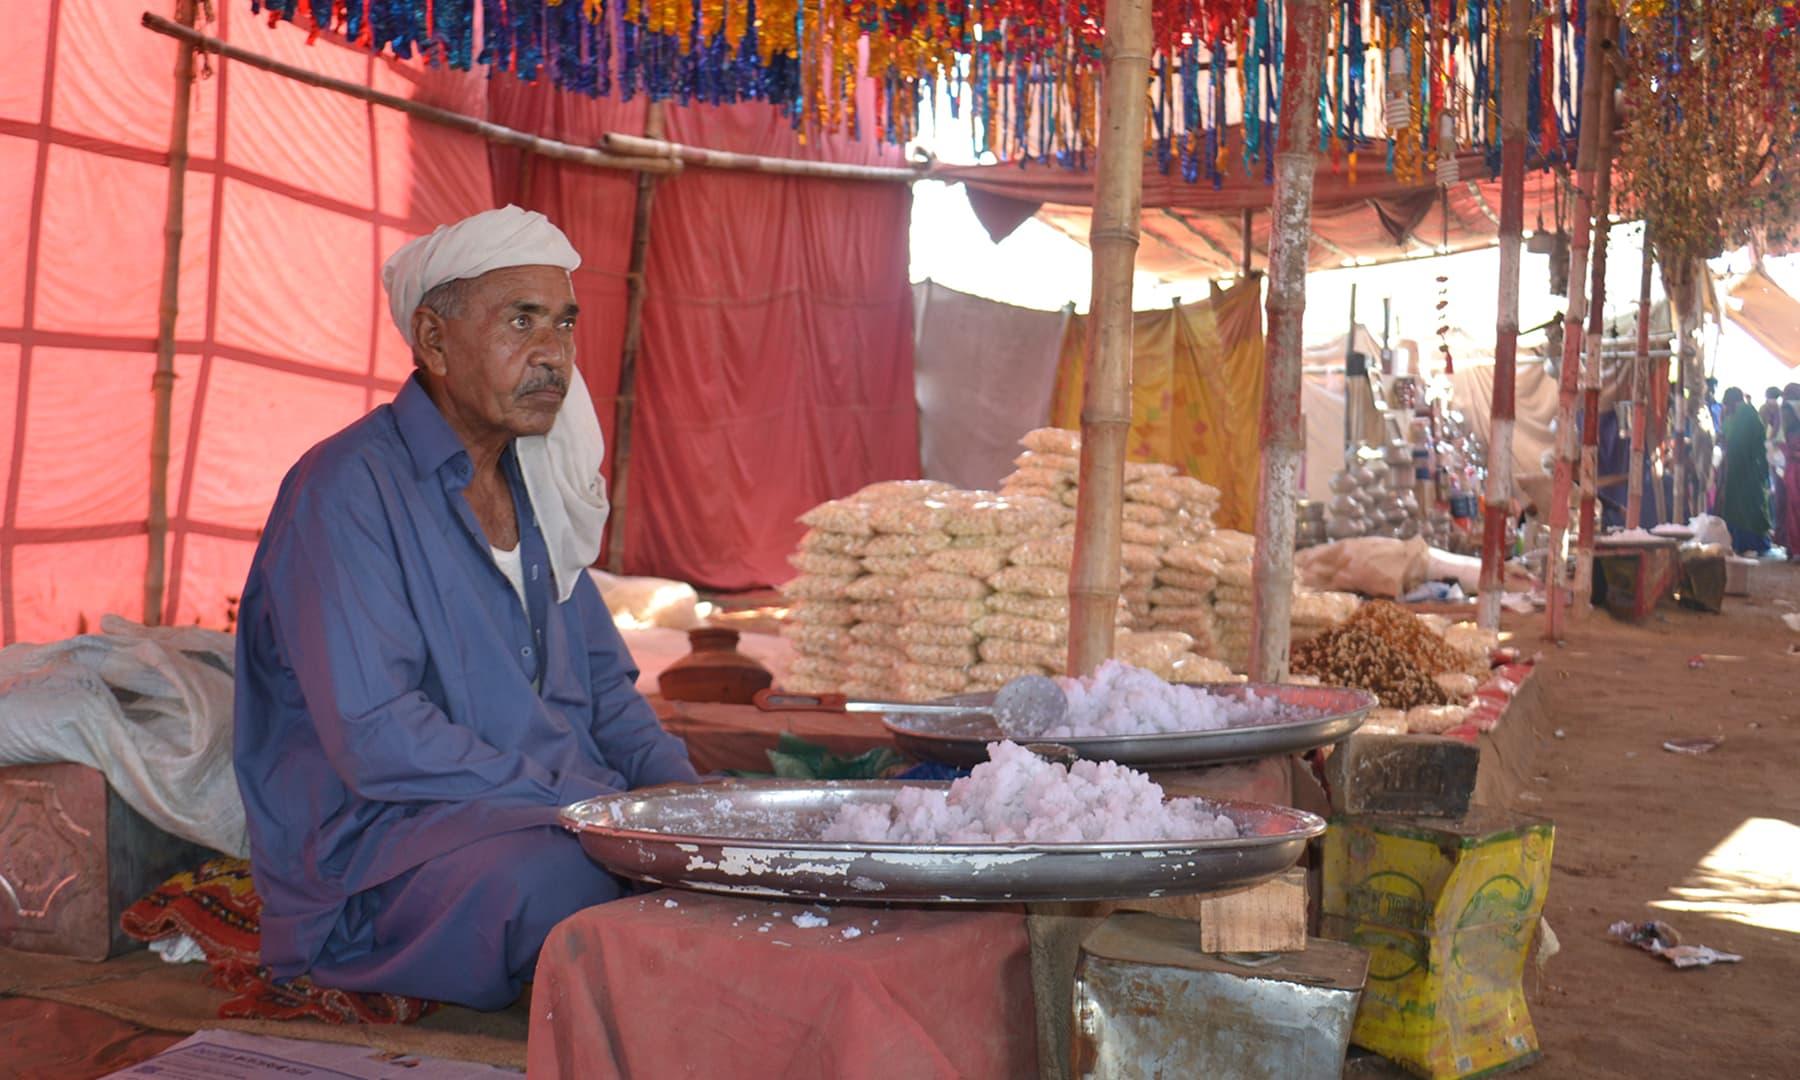 سندھ کا کوئی ایسا میلہ نہیں ہوگا جہاں کھوپرے کی مٹھائی دستیاب نہ ہو—تصویر ابوبکر شیخ